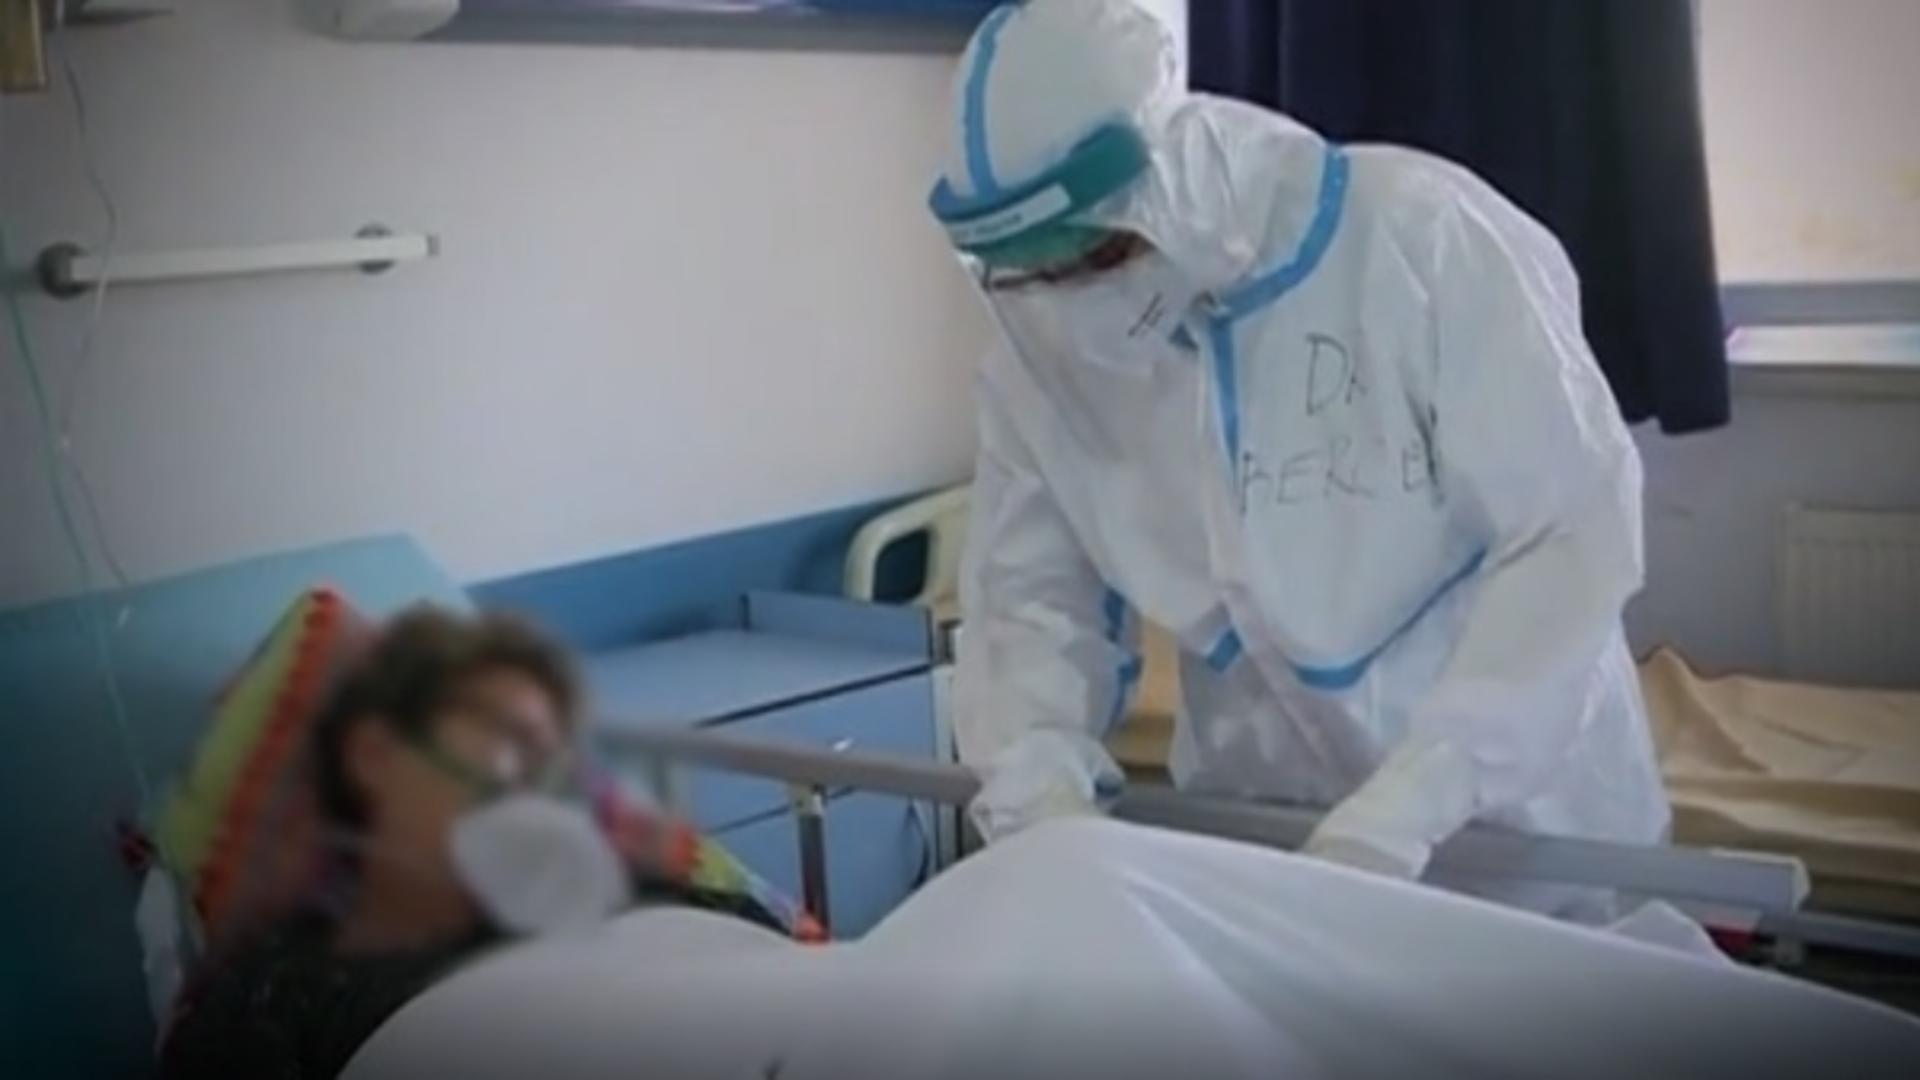 VIDEO | Reportaj exclusiv: Imagini dramatice de la Spitalul Județean din Ploiești. Regretul nevaccinaților ajunși în stare gravă